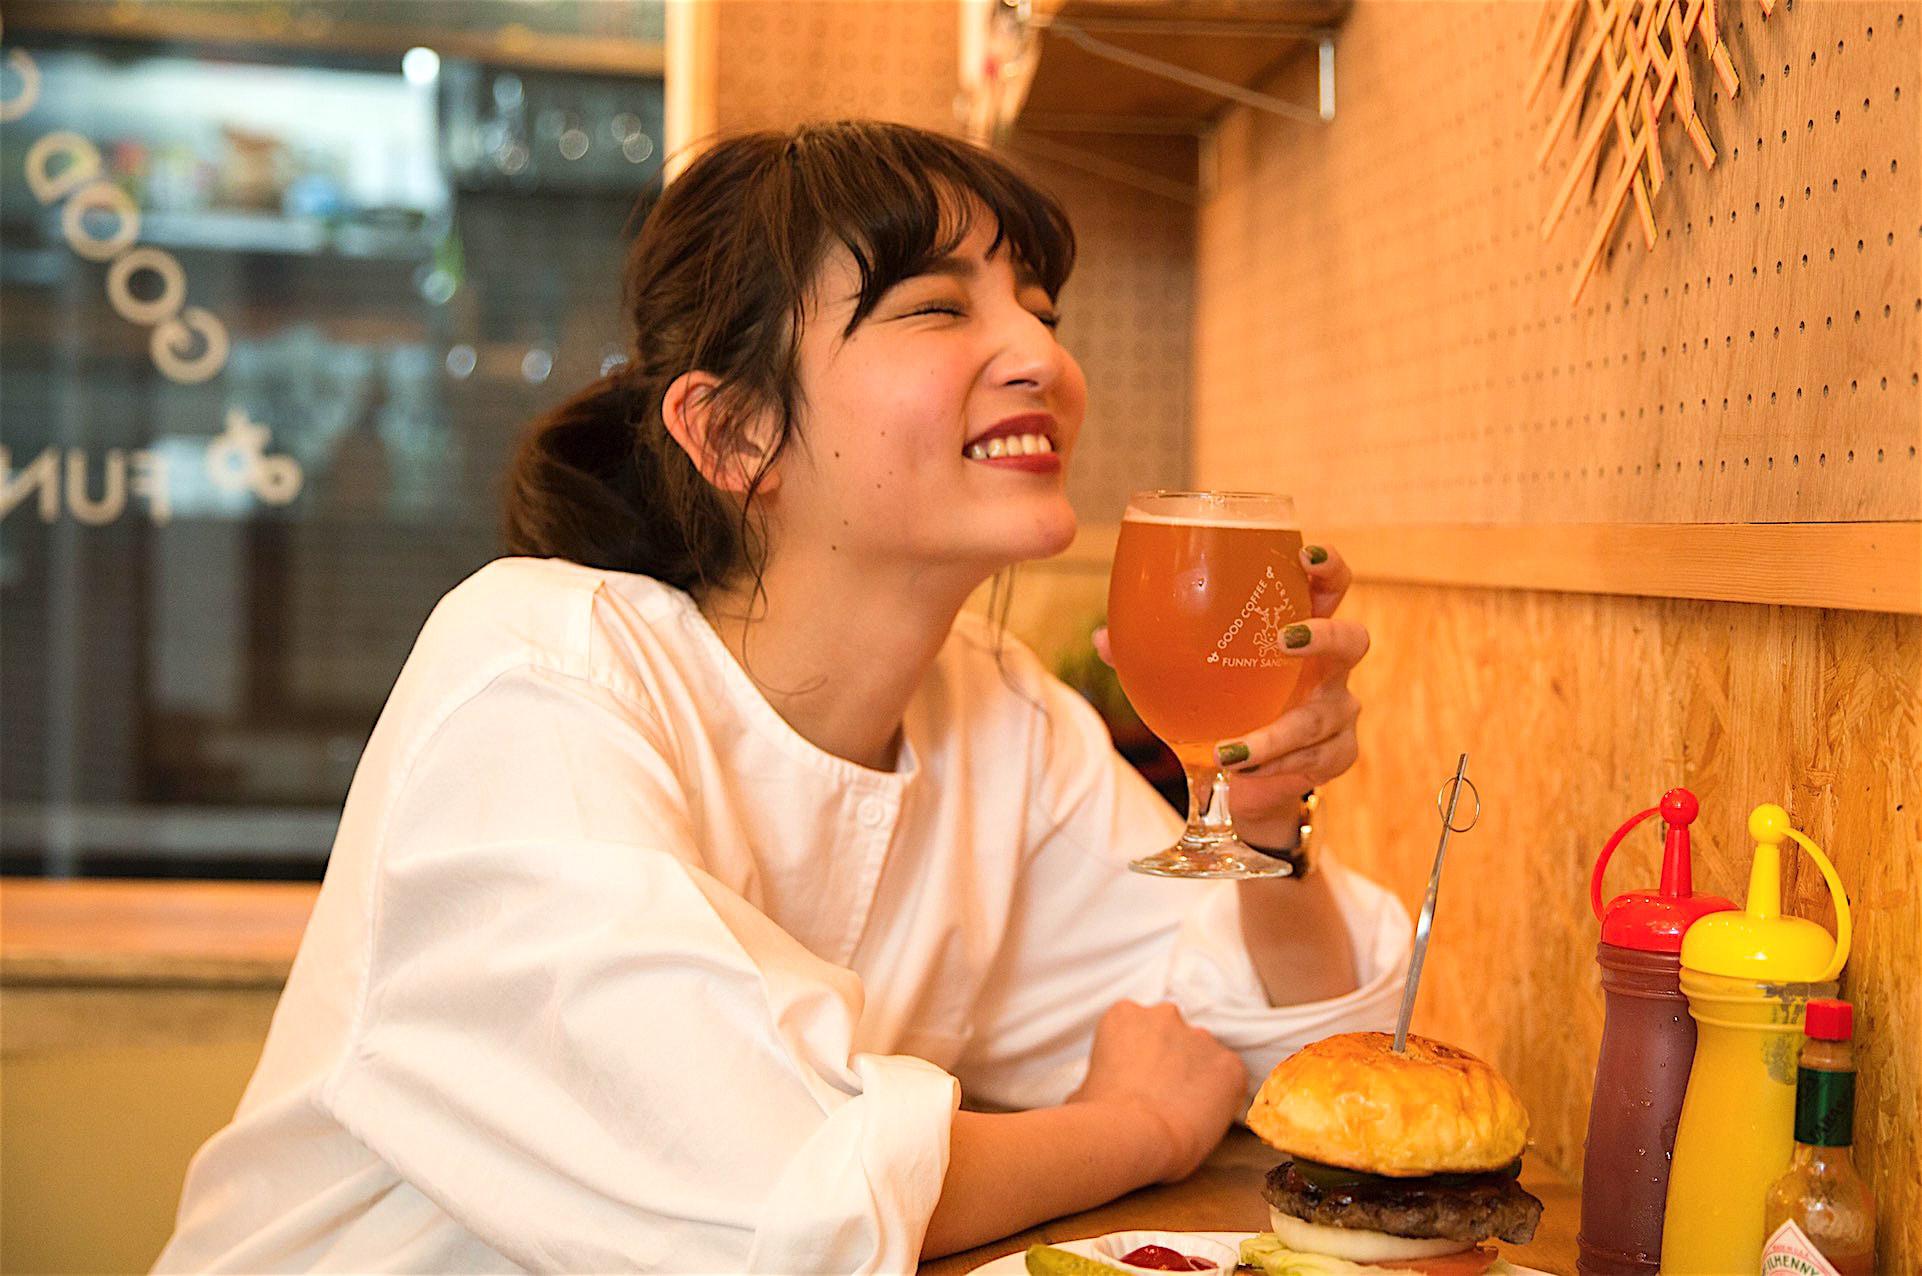 酒と街とマスターと女vol.5/ジャパニーズクラフトビールを求めて【小岩】Shishi Bone